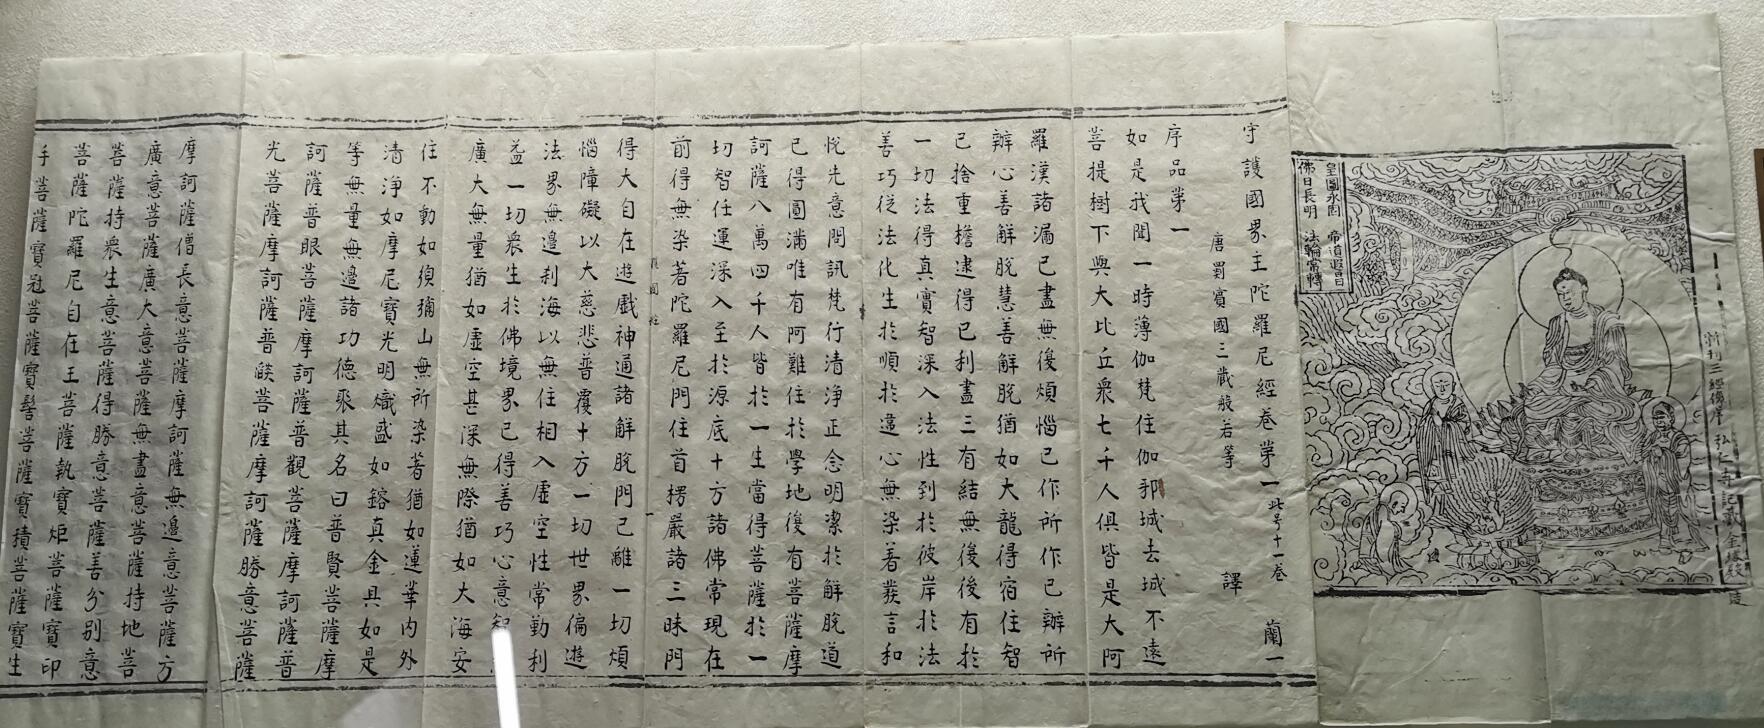 张掖大佛寺之佛经展览01.jpg